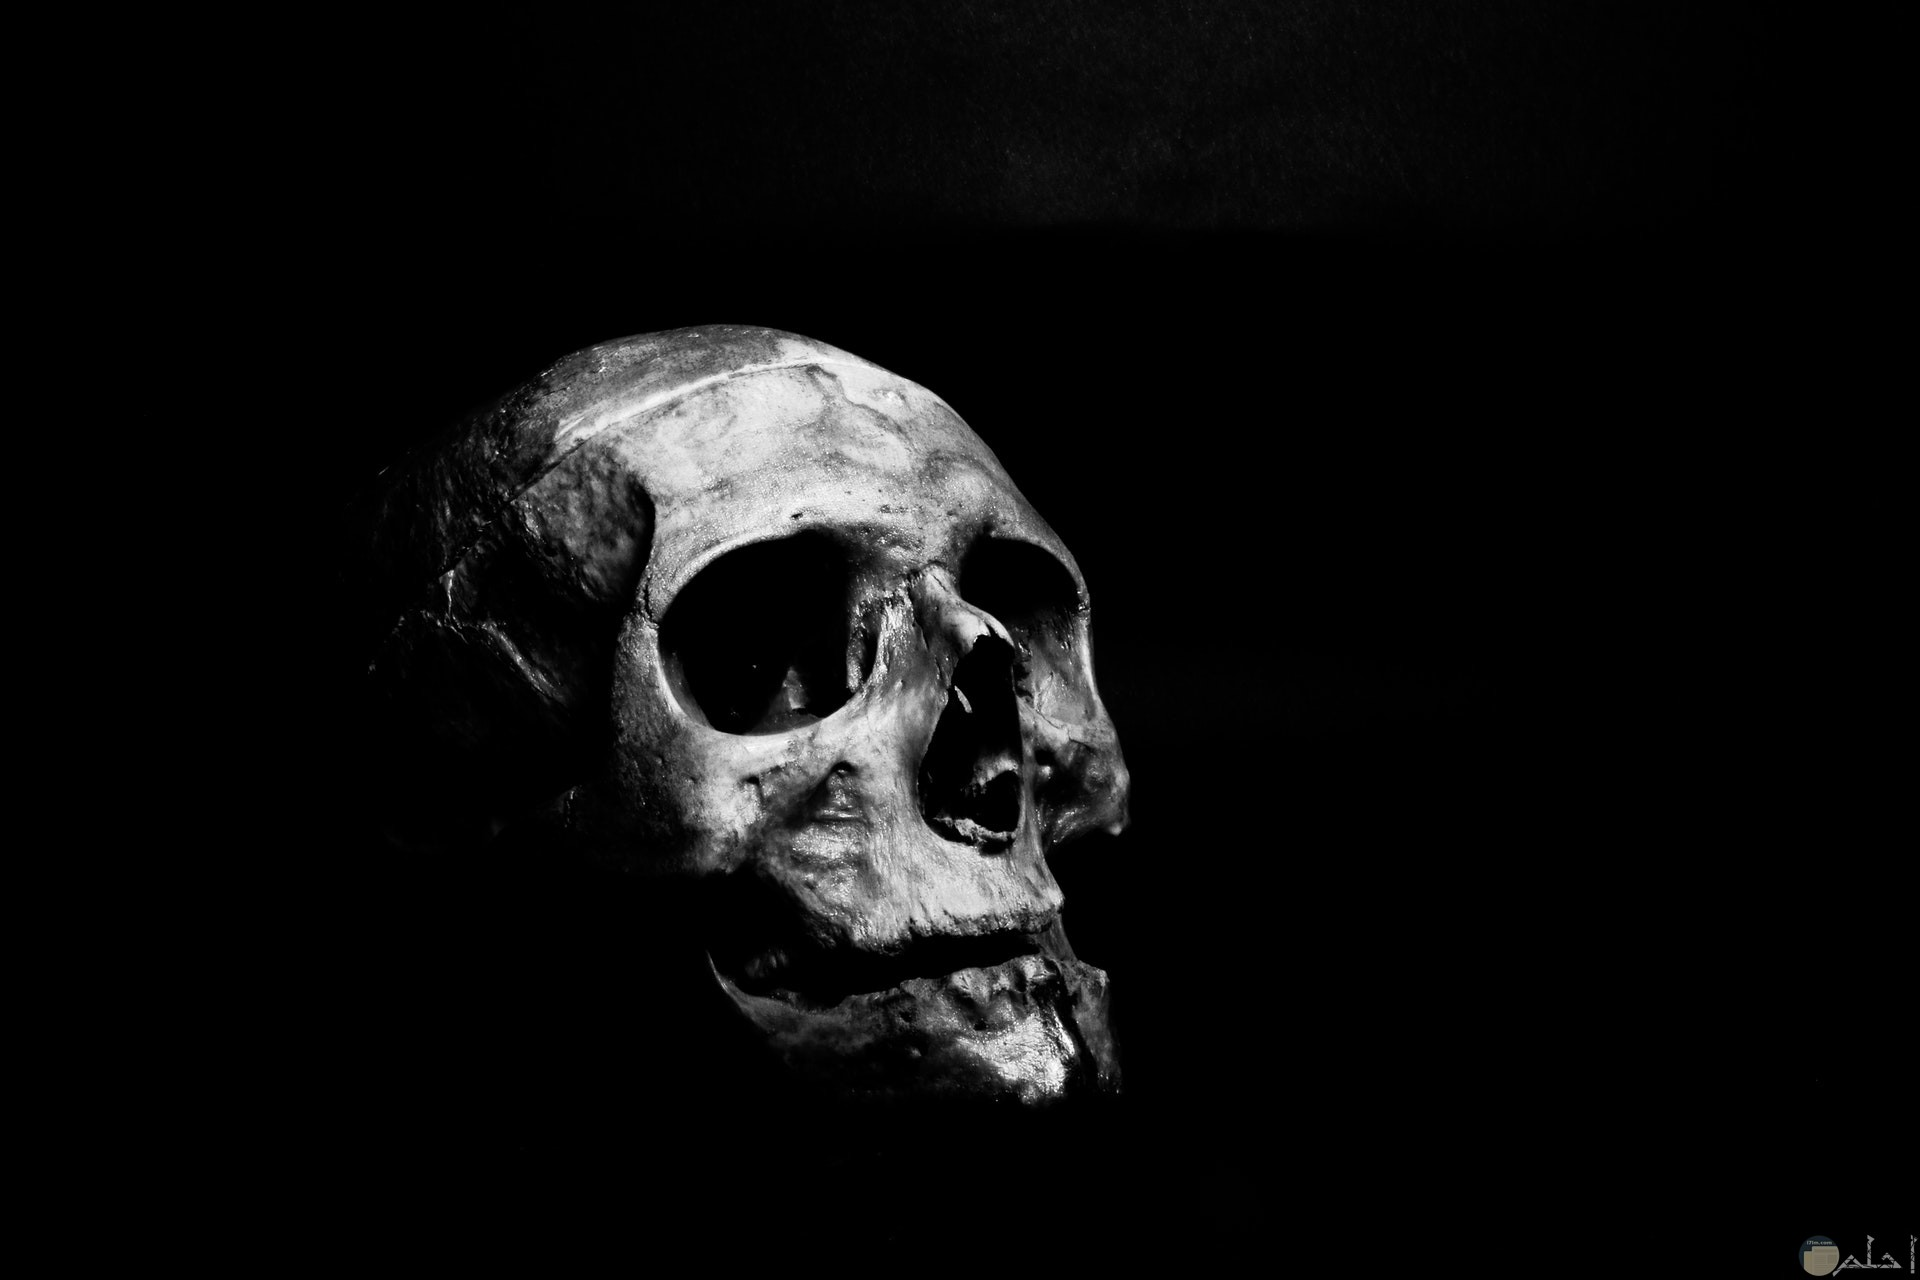 صورة أكشن رعب عبارة عن جمجمة مخيفة مع خلفية سوداء